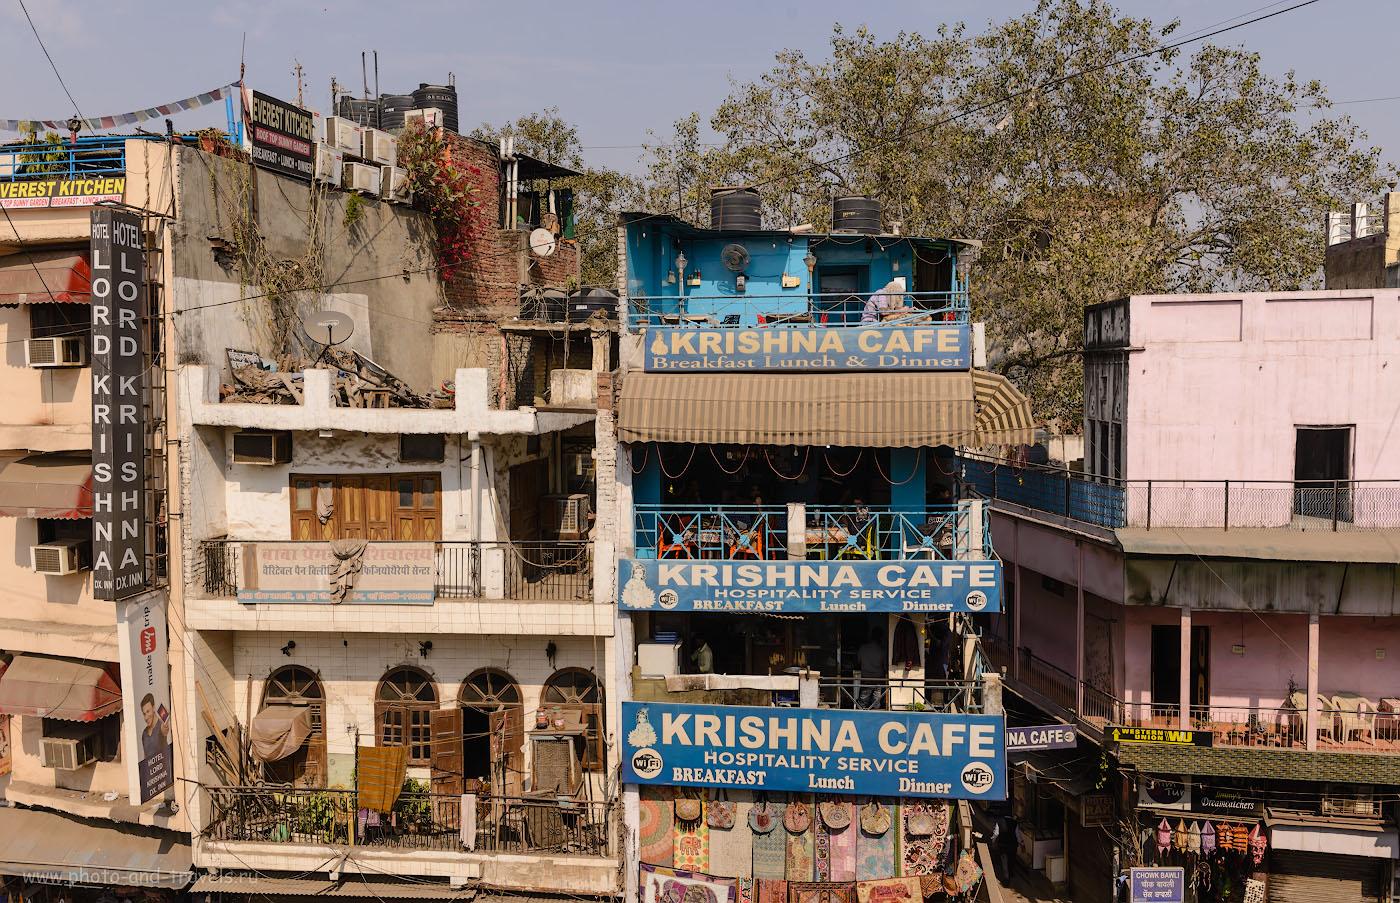 """Фото 2. Кафе """"Кришна"""" на улице Мэйн-Базар в Дели. Отчеты о самостоятельной поездке в Индию в феврале. Камера Никон Д610, объектив Никон 24-70/2,8. 1/400, -0.33, 8.0, 100, 29."""